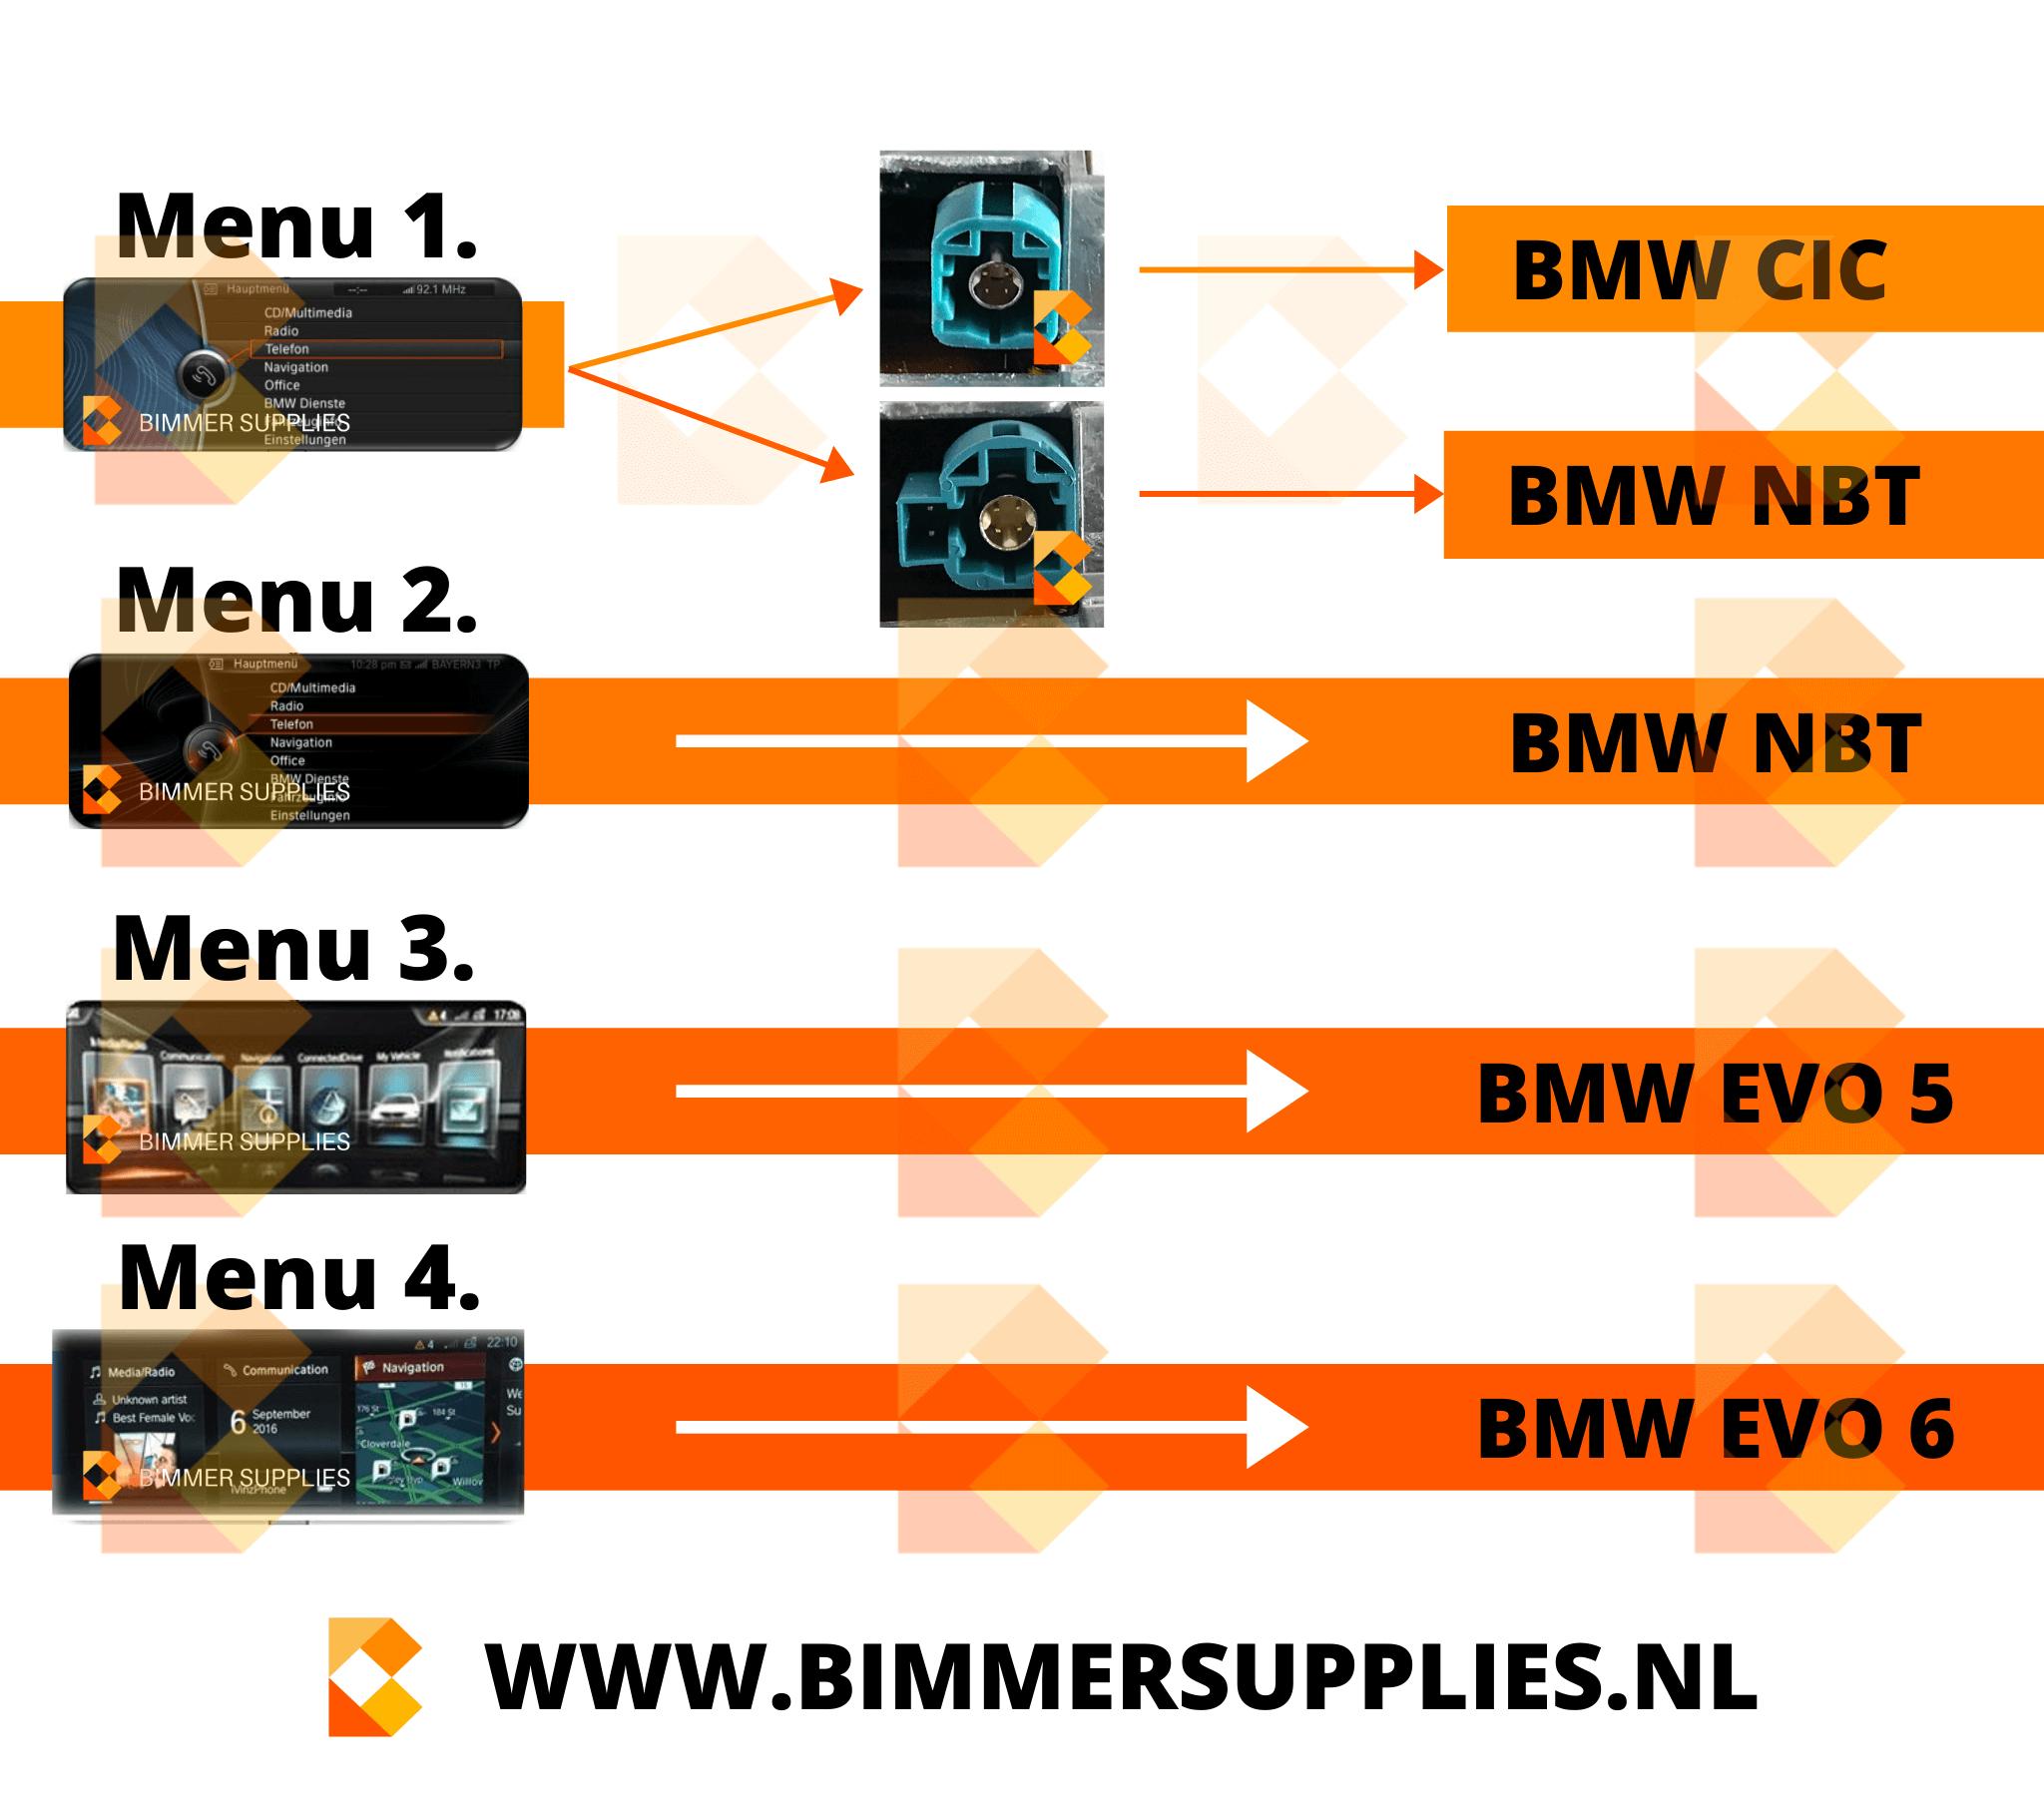 CIC VS NBT VS EVO For Bimmersupplies MMI